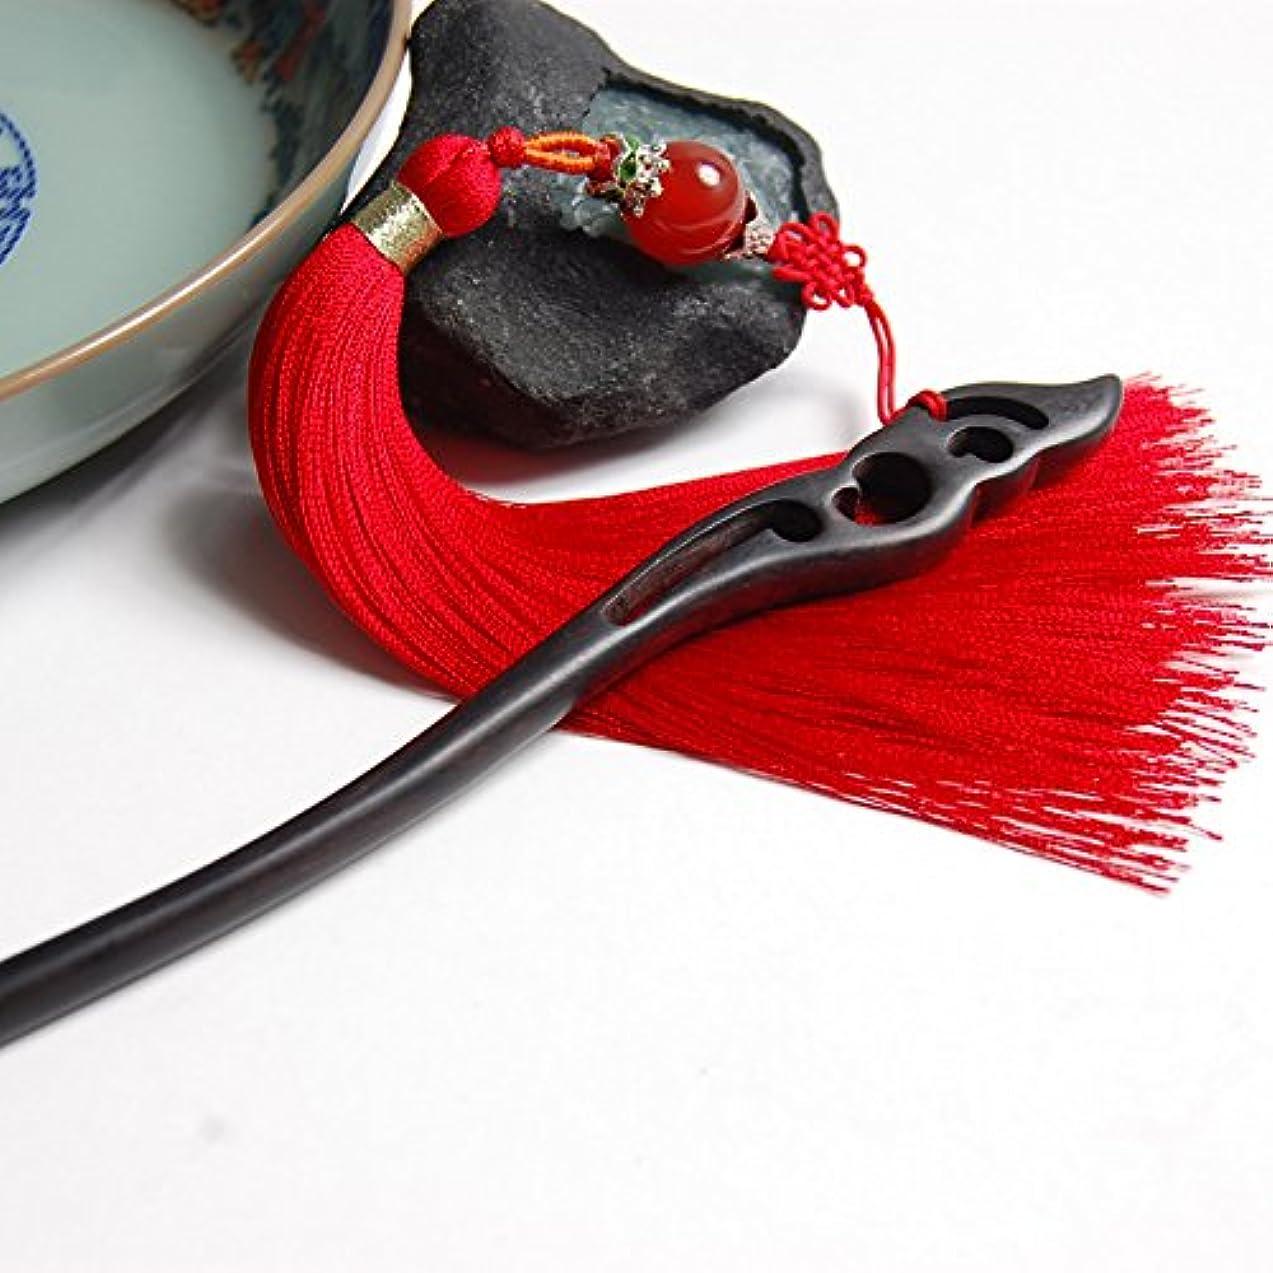 破滅シェフロードされたHuaQingPiJu-JP 中国式エボニーレトロタッセルヘアピンパレスヘアクリップ(赤)